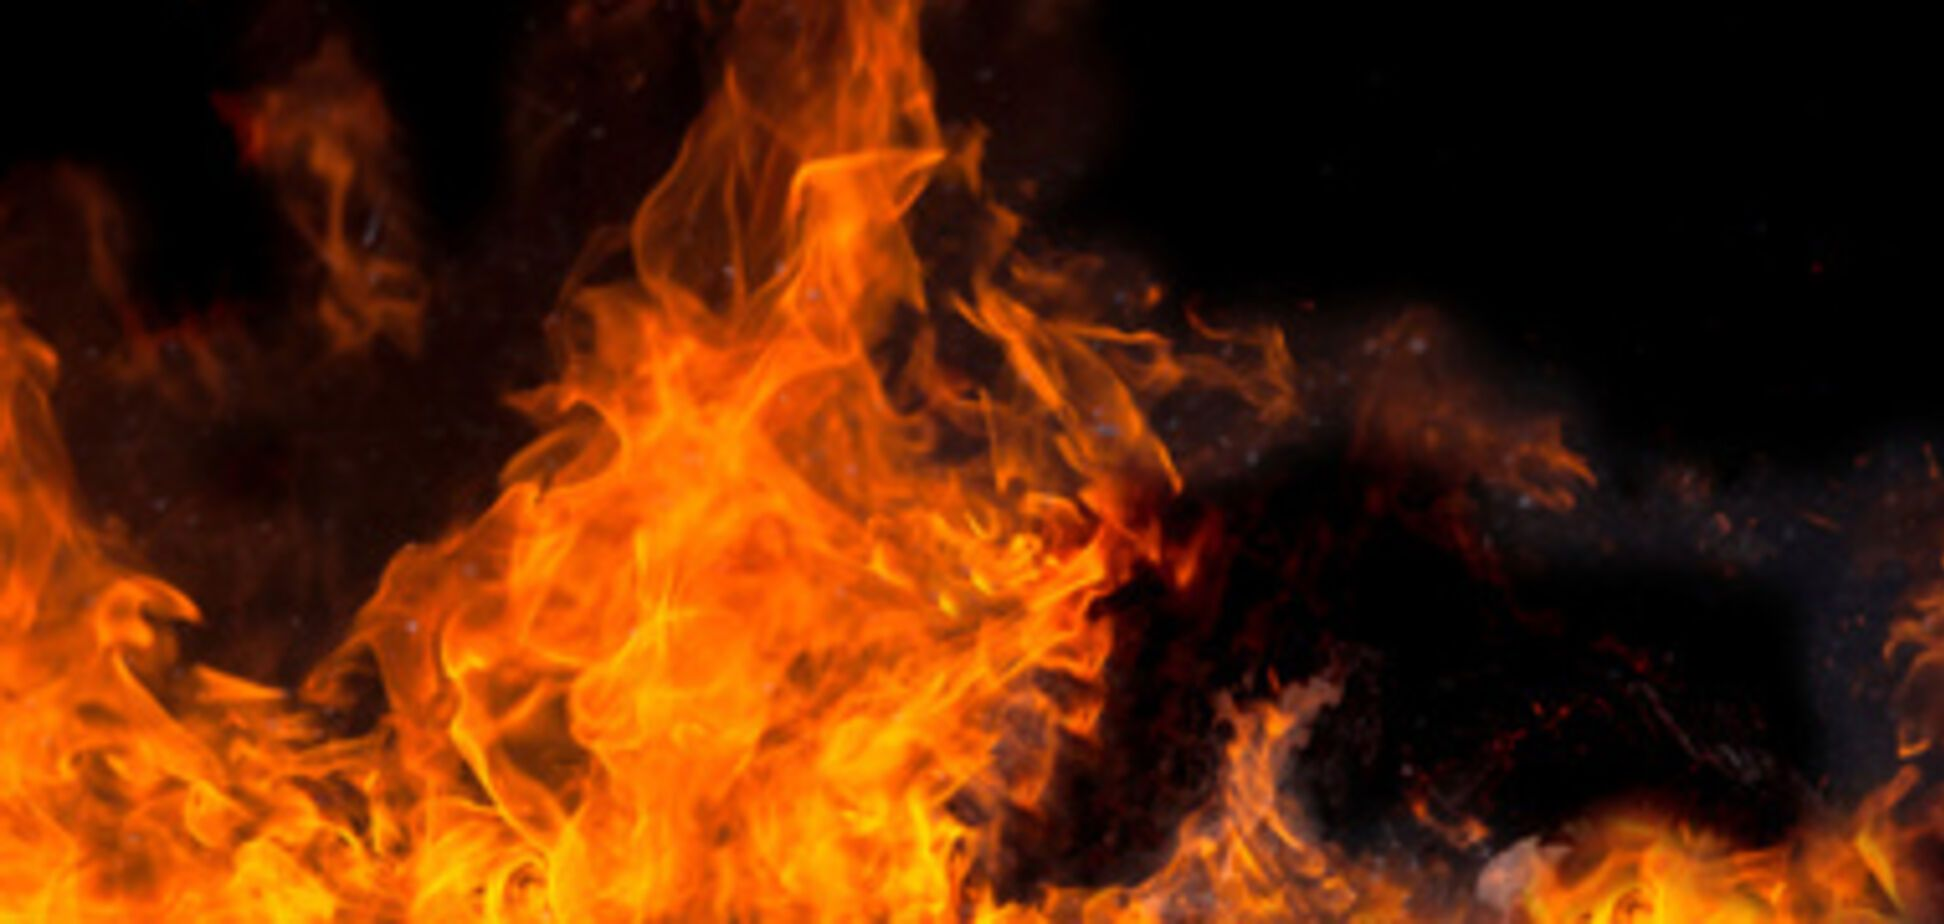 На Харьковщине заживо сгорел годовалый ребенок